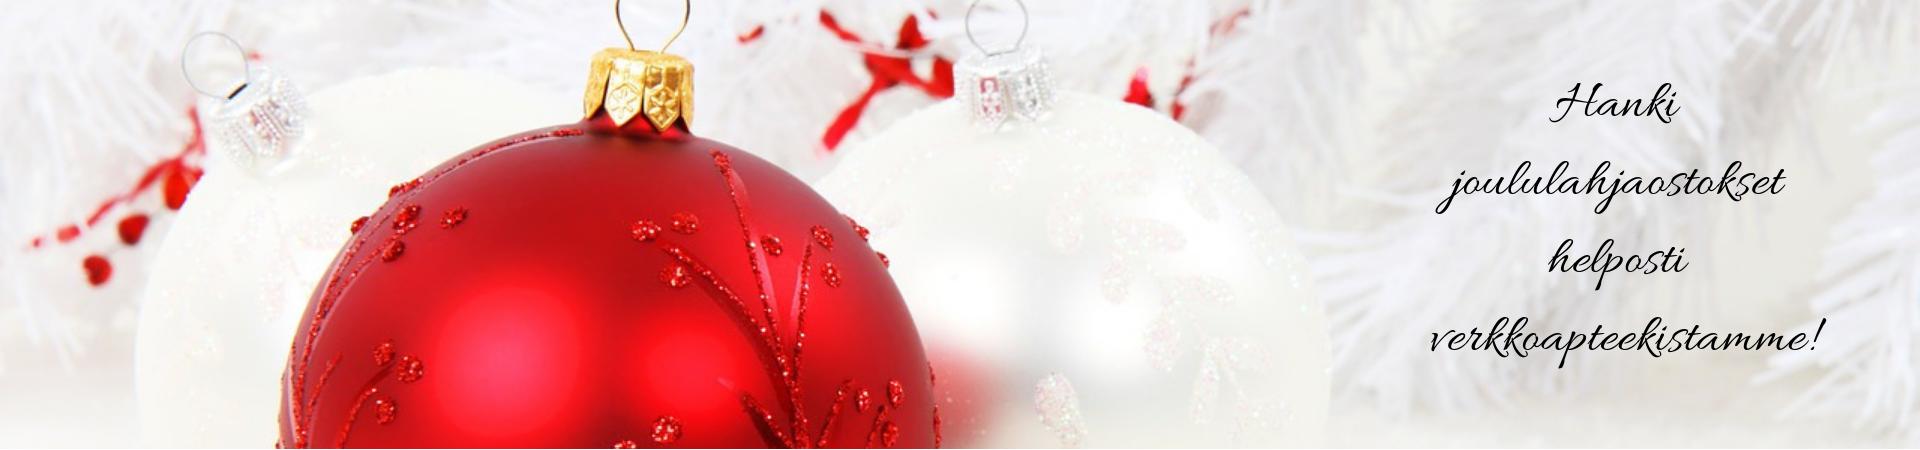 Hanki joululahjaostokset helposti verkkoapteekista